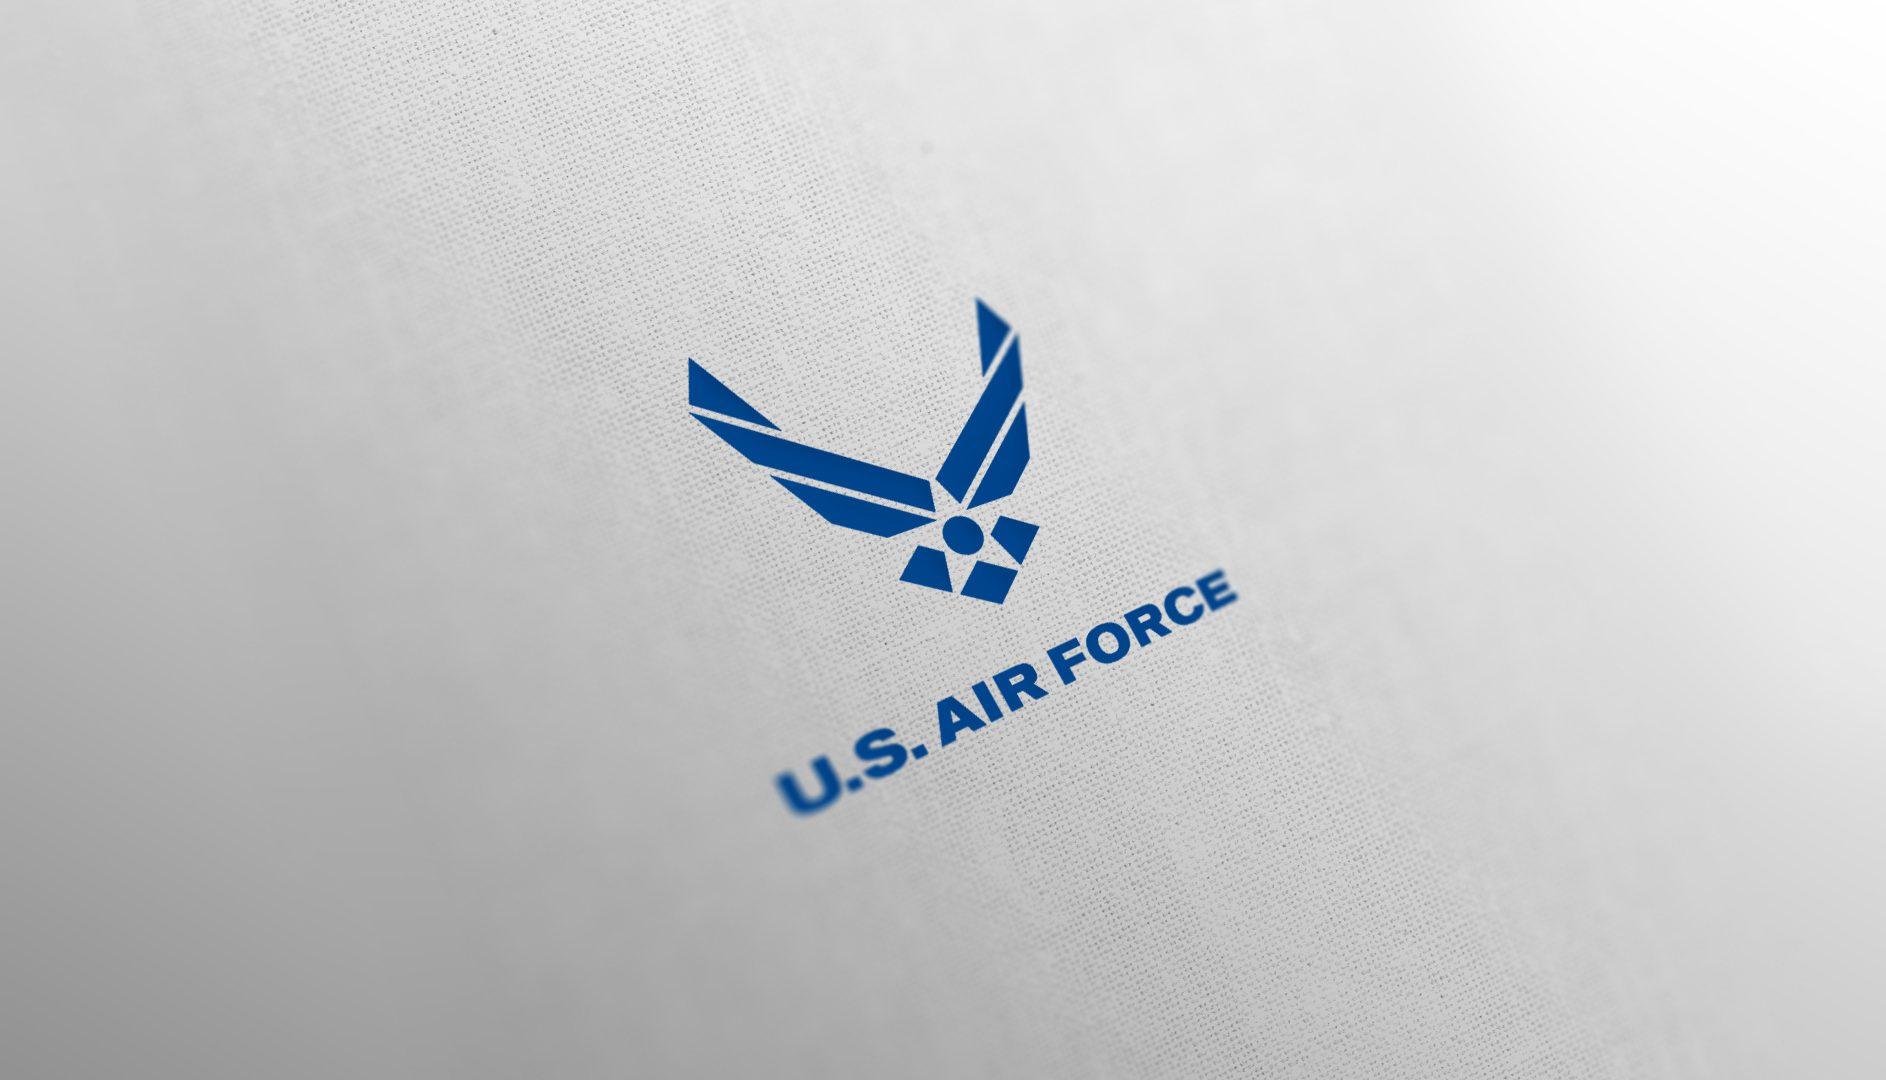 U S  Air Force Civil Engineer Center (AFCEC), A-E13 Design